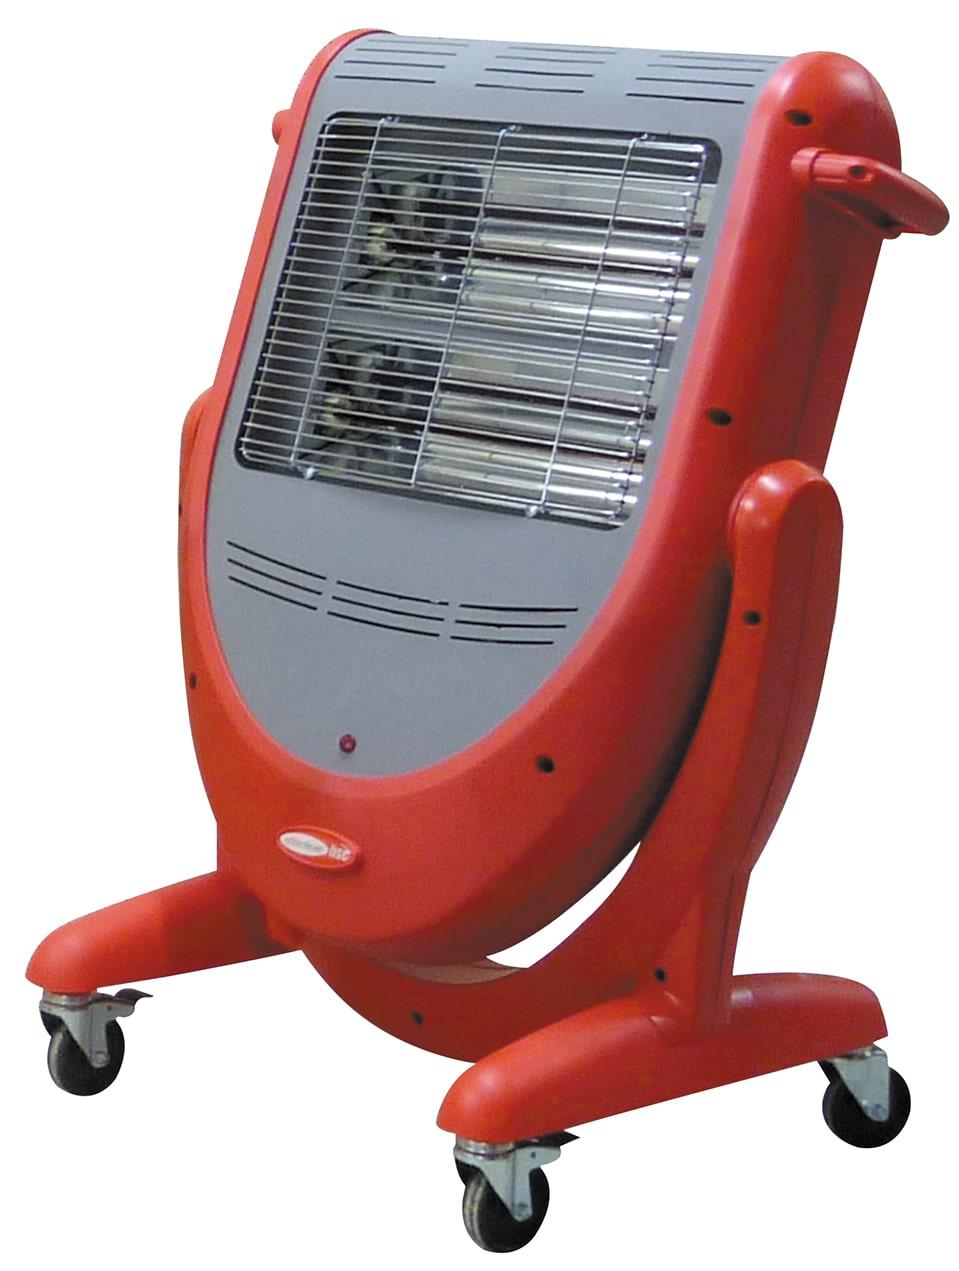 Elite EH240MKII Infrared Heater 240v 21Kg